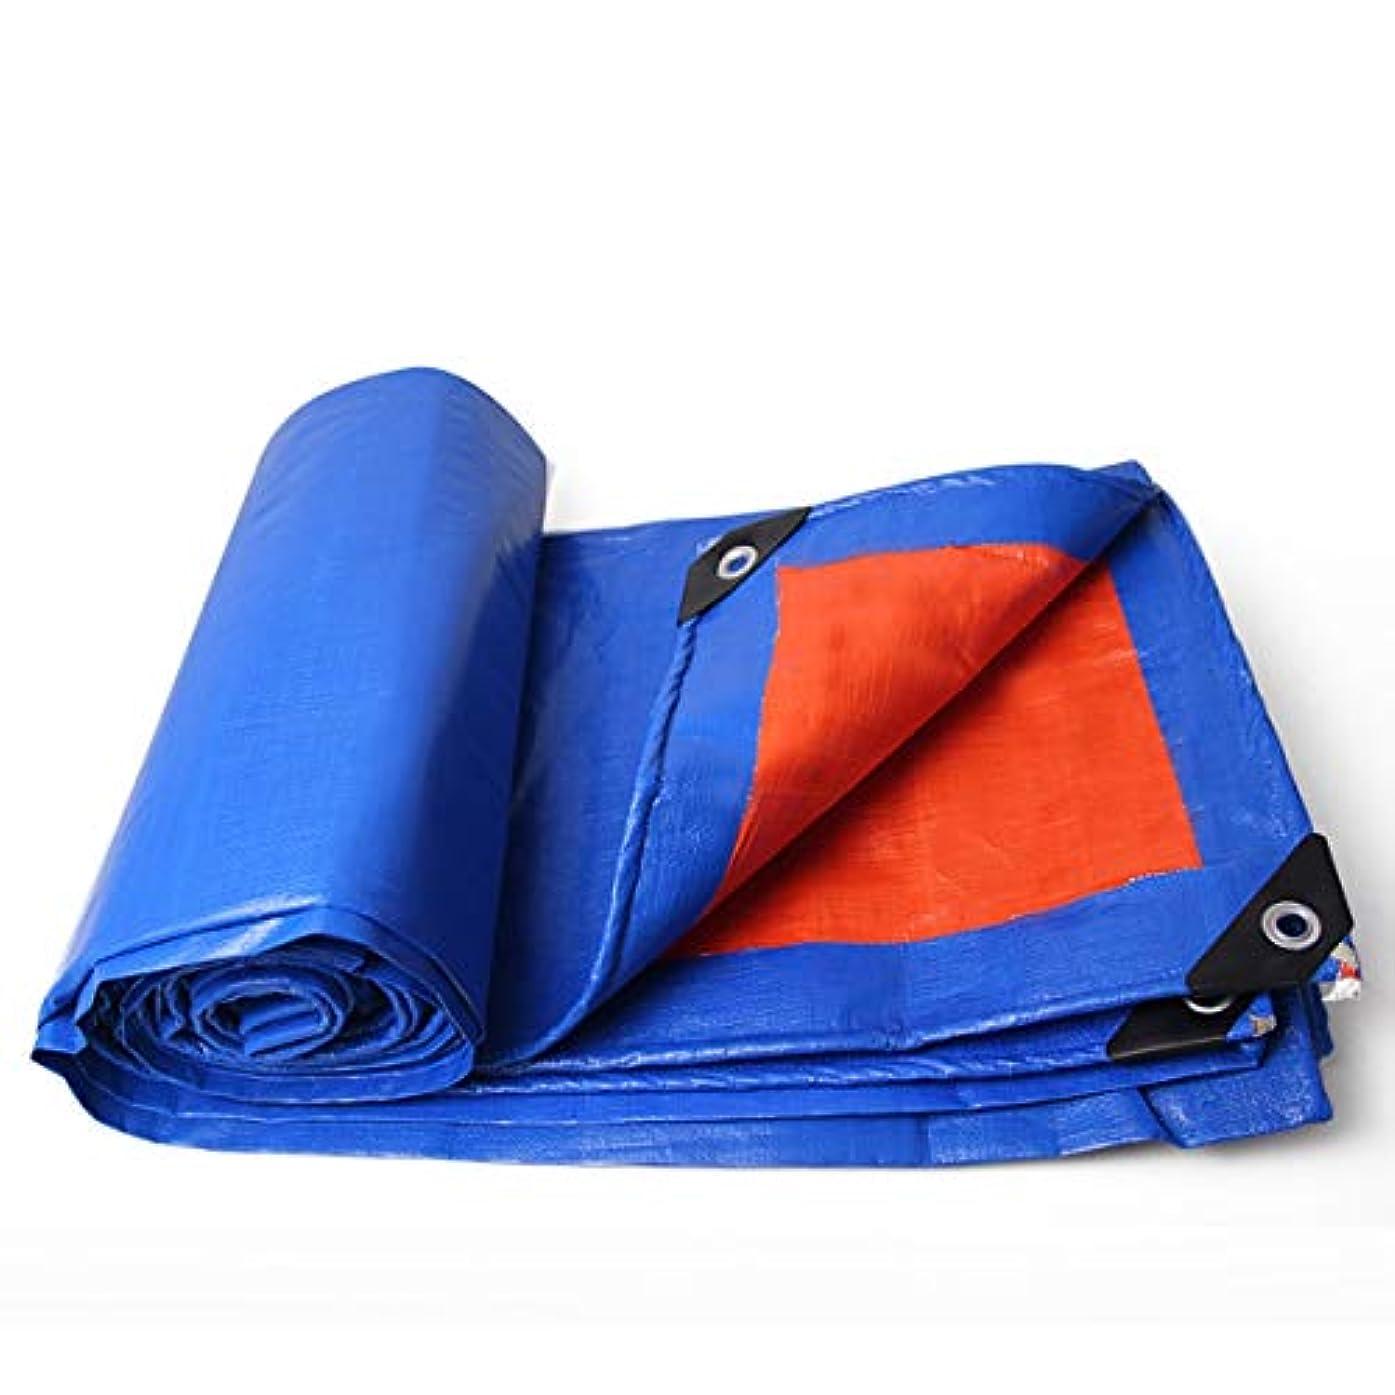 プラス初心者葉0.3 mmマルチサイズターポリン絶縁防水日焼け止めオーニングクロスPEブルーオレンジポンチョターポリン (Size : 3*3M)